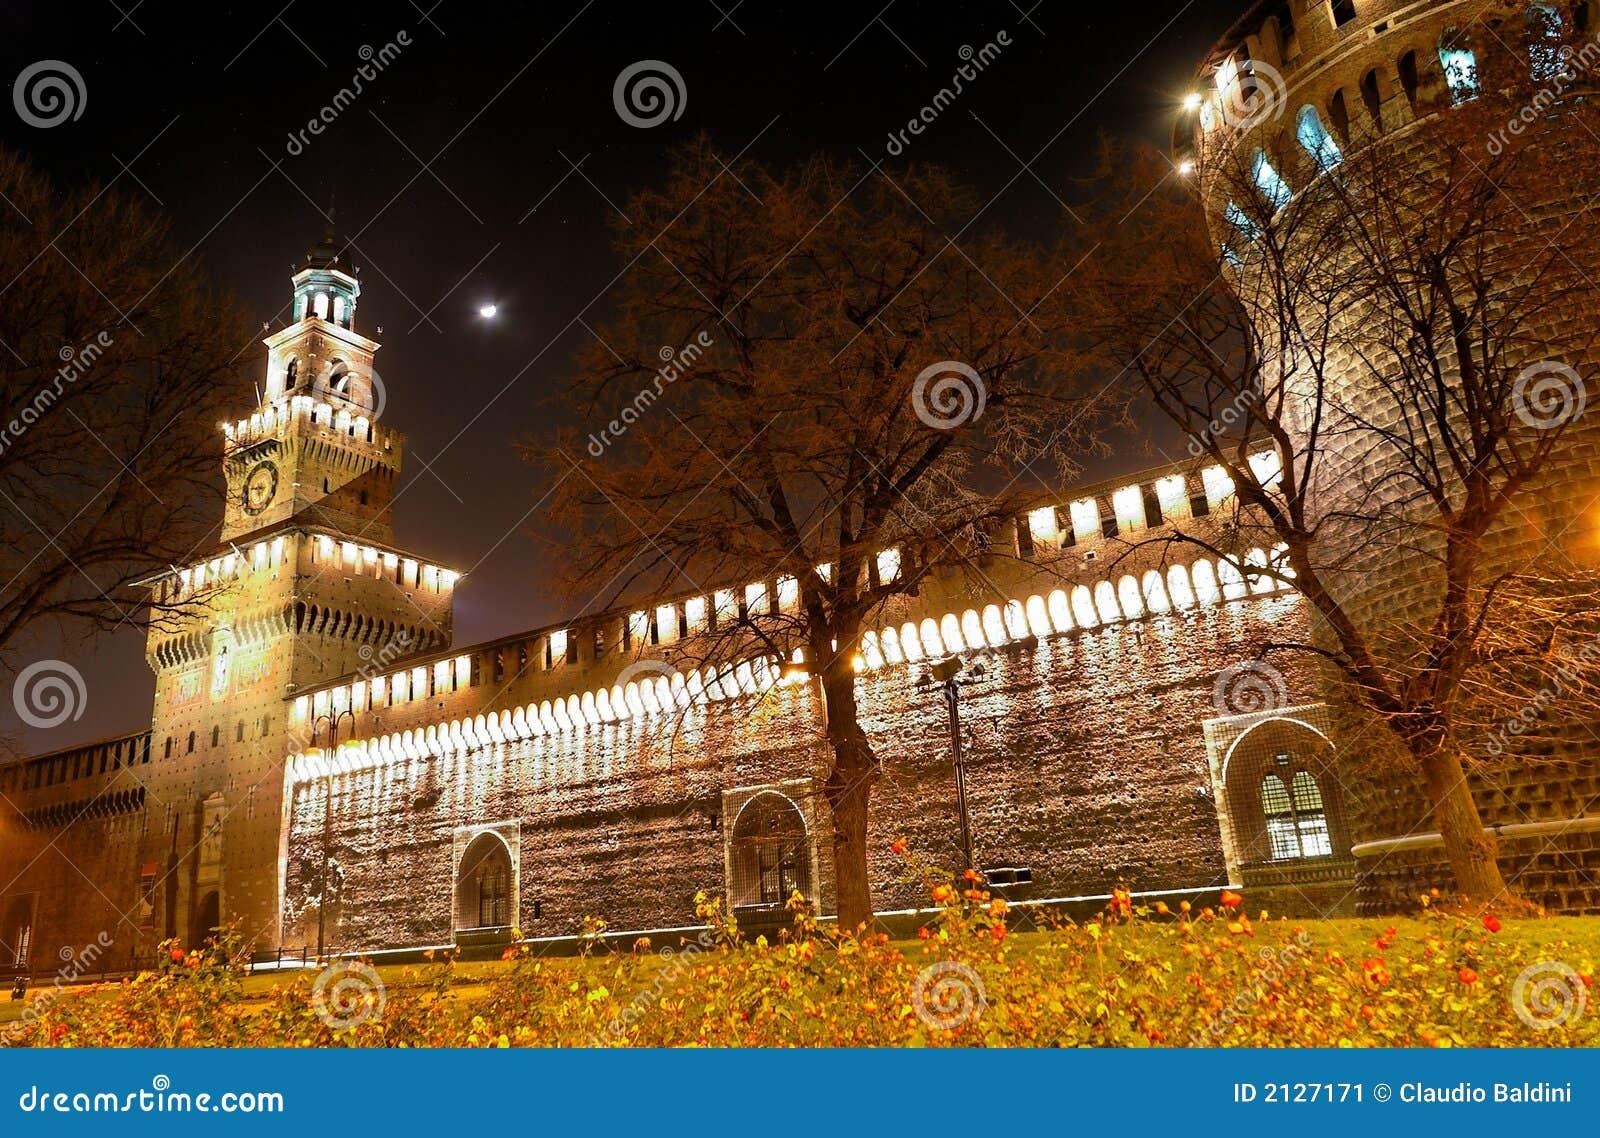 Castillo medieval en la noche (11)